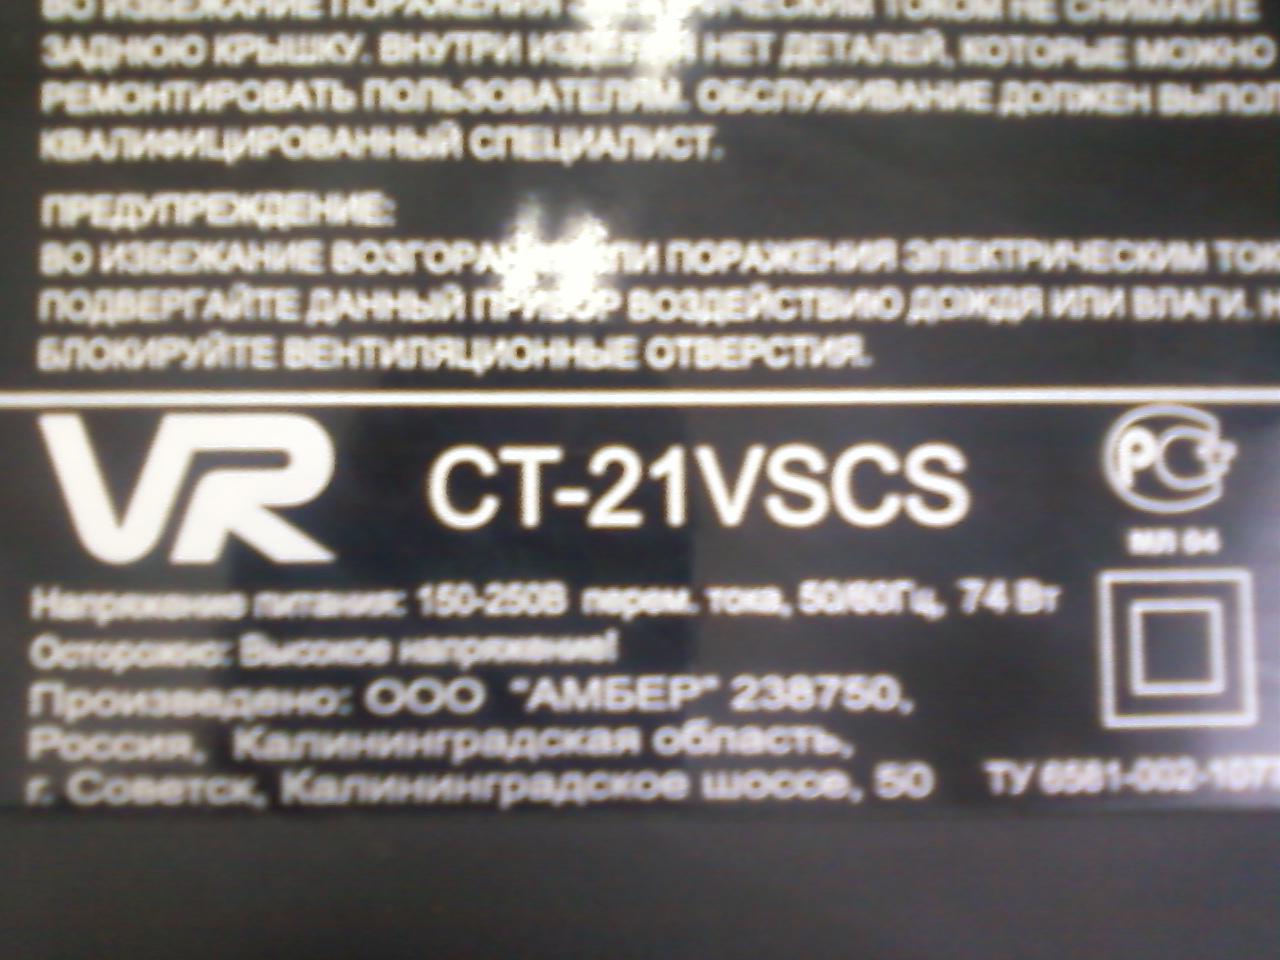 Схема телевизора ct 21vuas